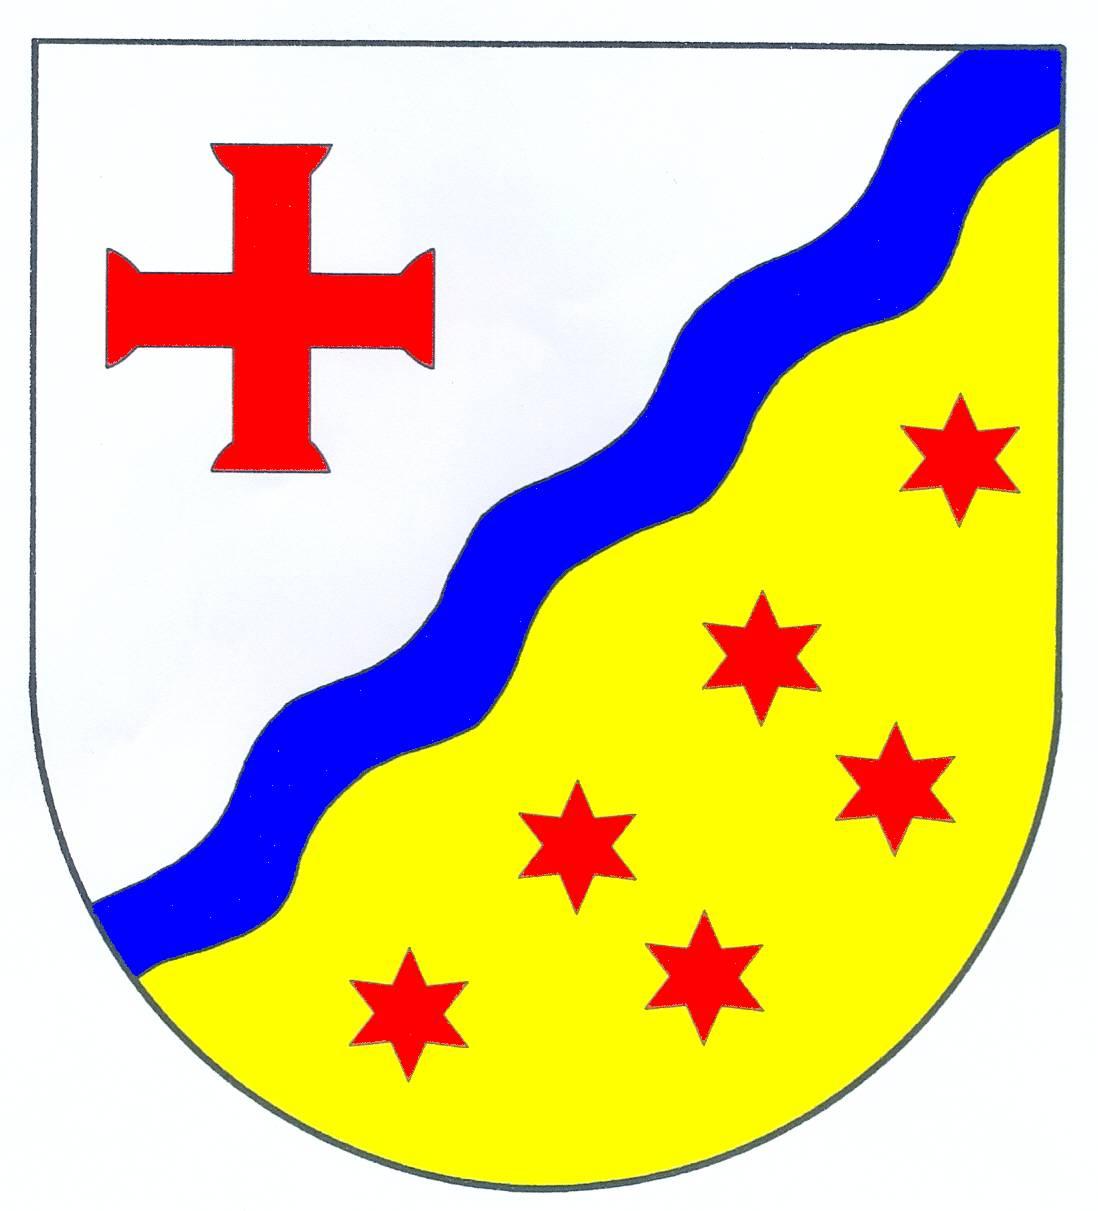 Wappen GemeindeViöl, Kreis Nordfriesland